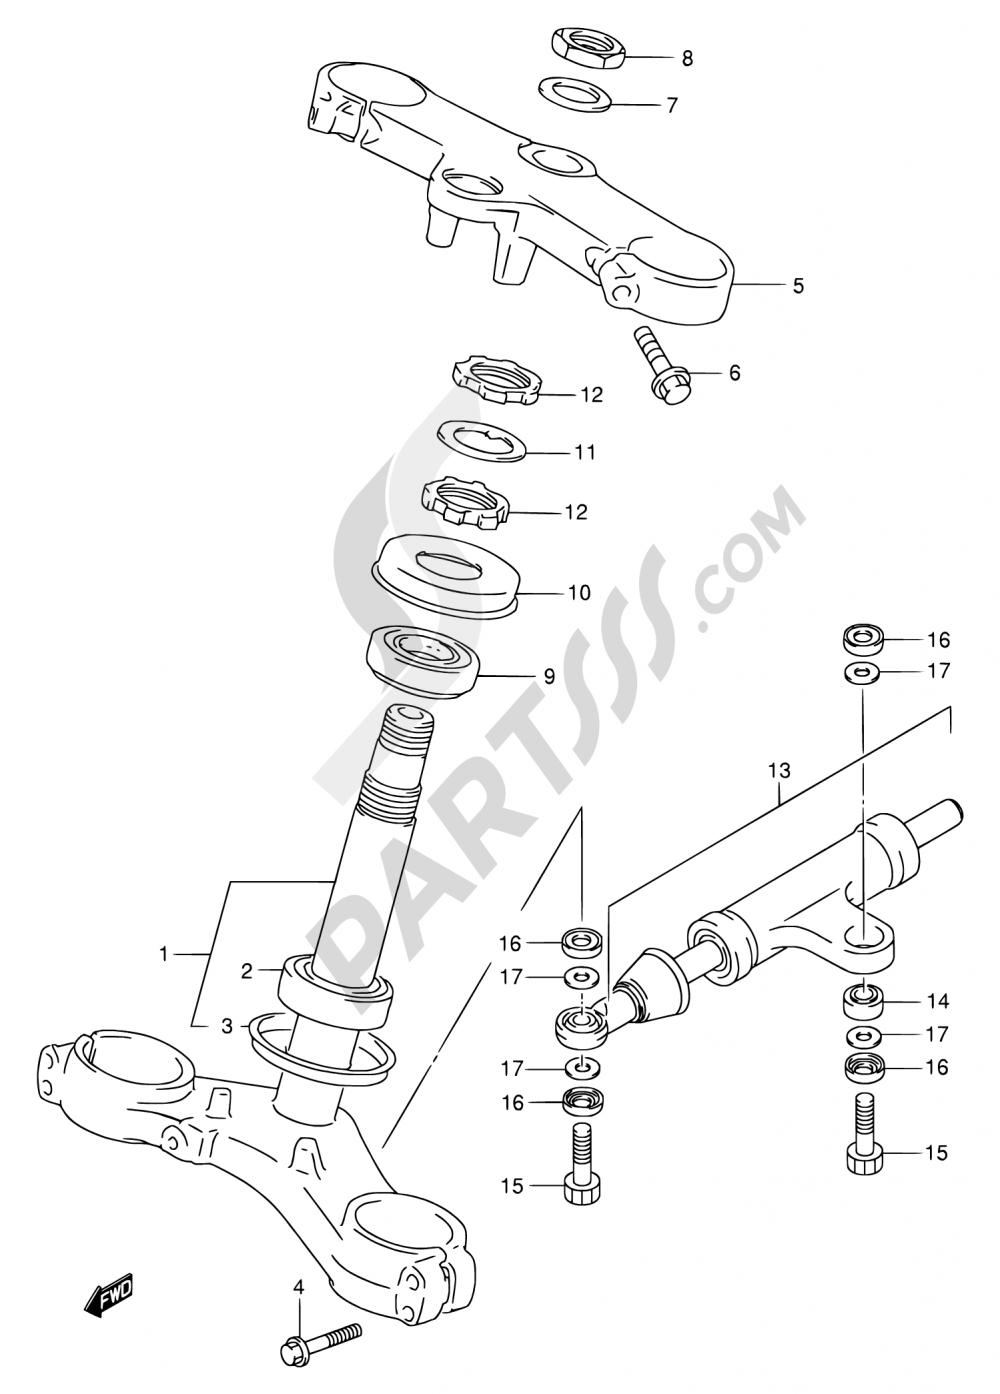 51 - STEERING STEM Suzuki GSX-R750 1996